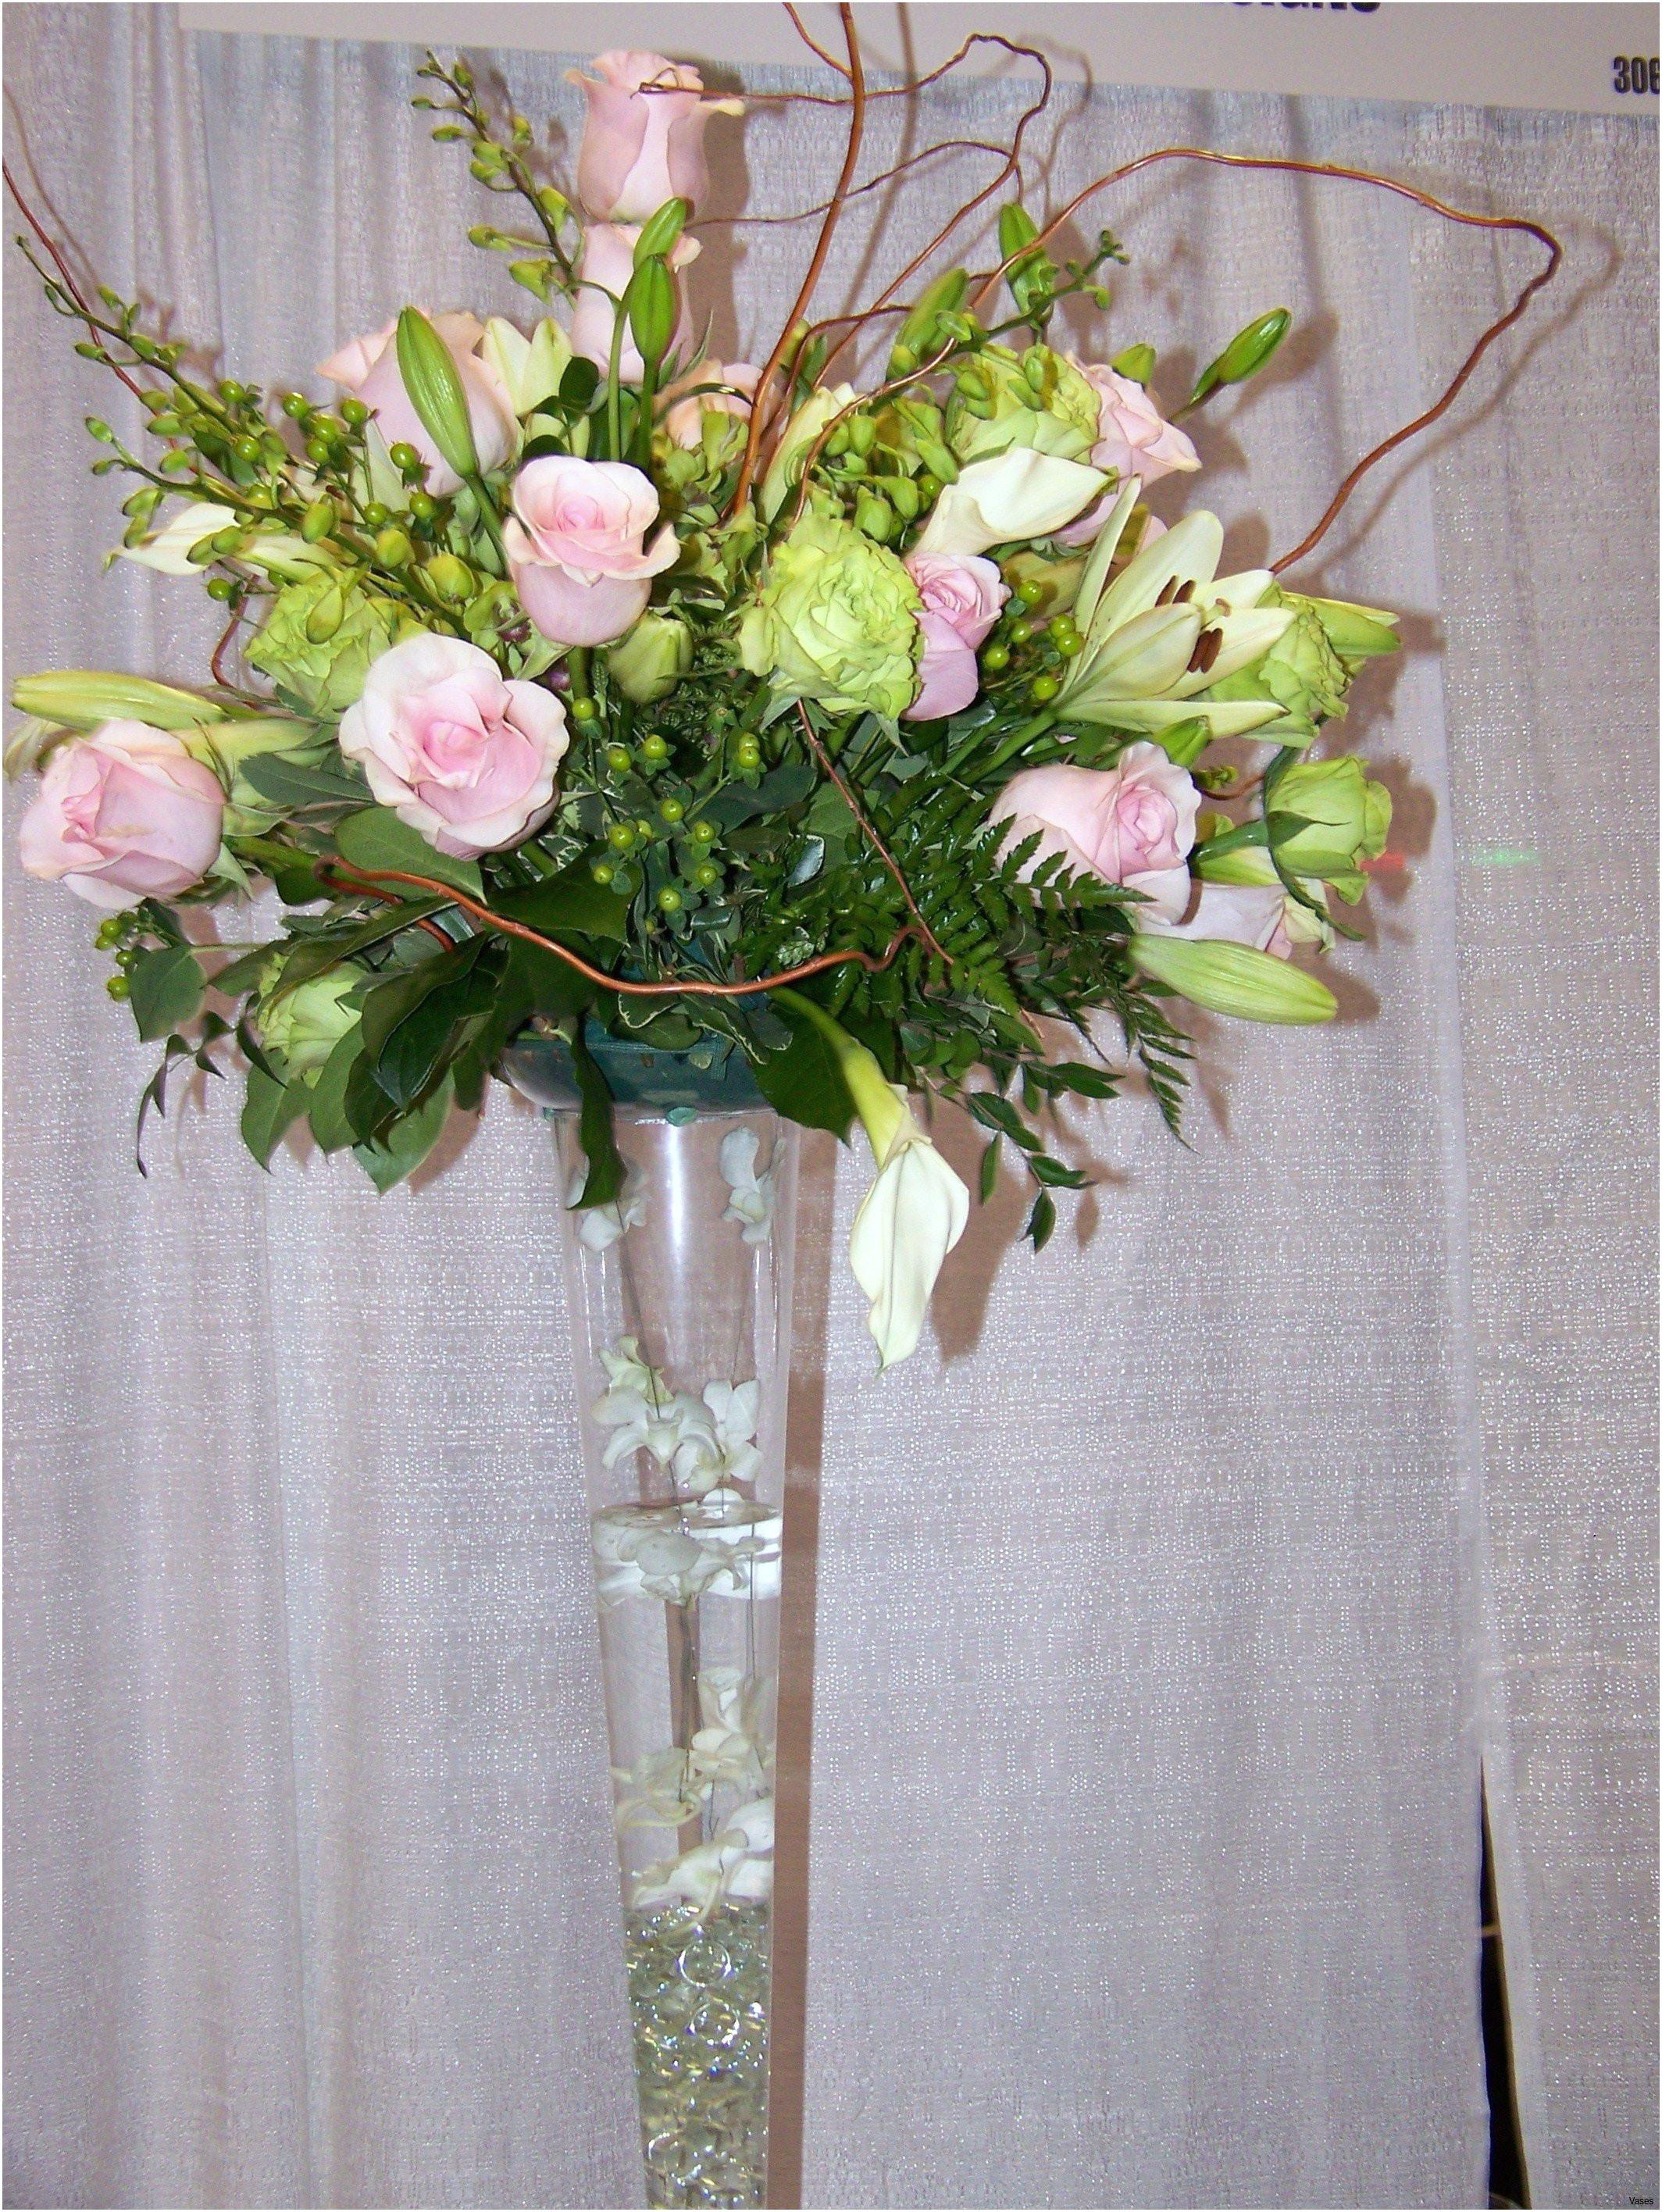 Decorative vase Ideas & 25 Stylish Tall Floor Vase Flower Arrangements | Decorative vase Ideas